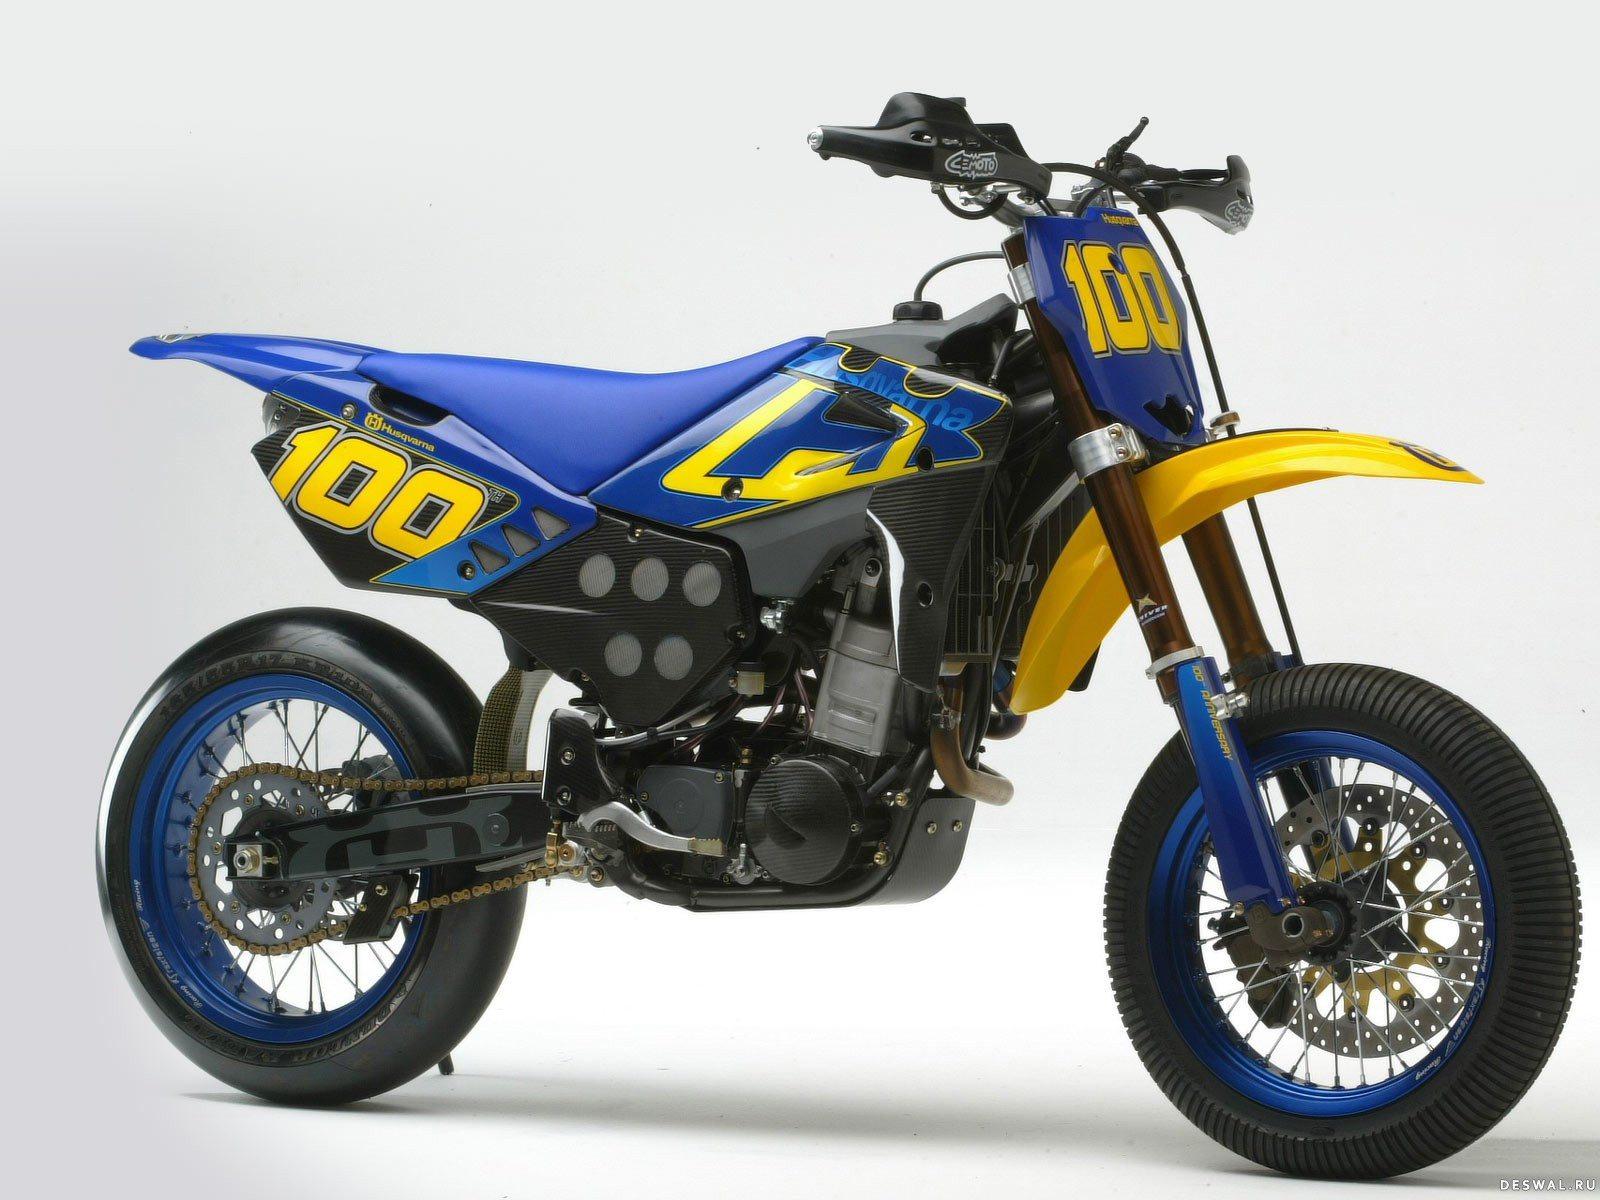 Мото Хускварна на отличной фотографии.. Нажмите на картинку с обоями мотоцикла huqvarna, чтобы просмотреть ее в реальном размере